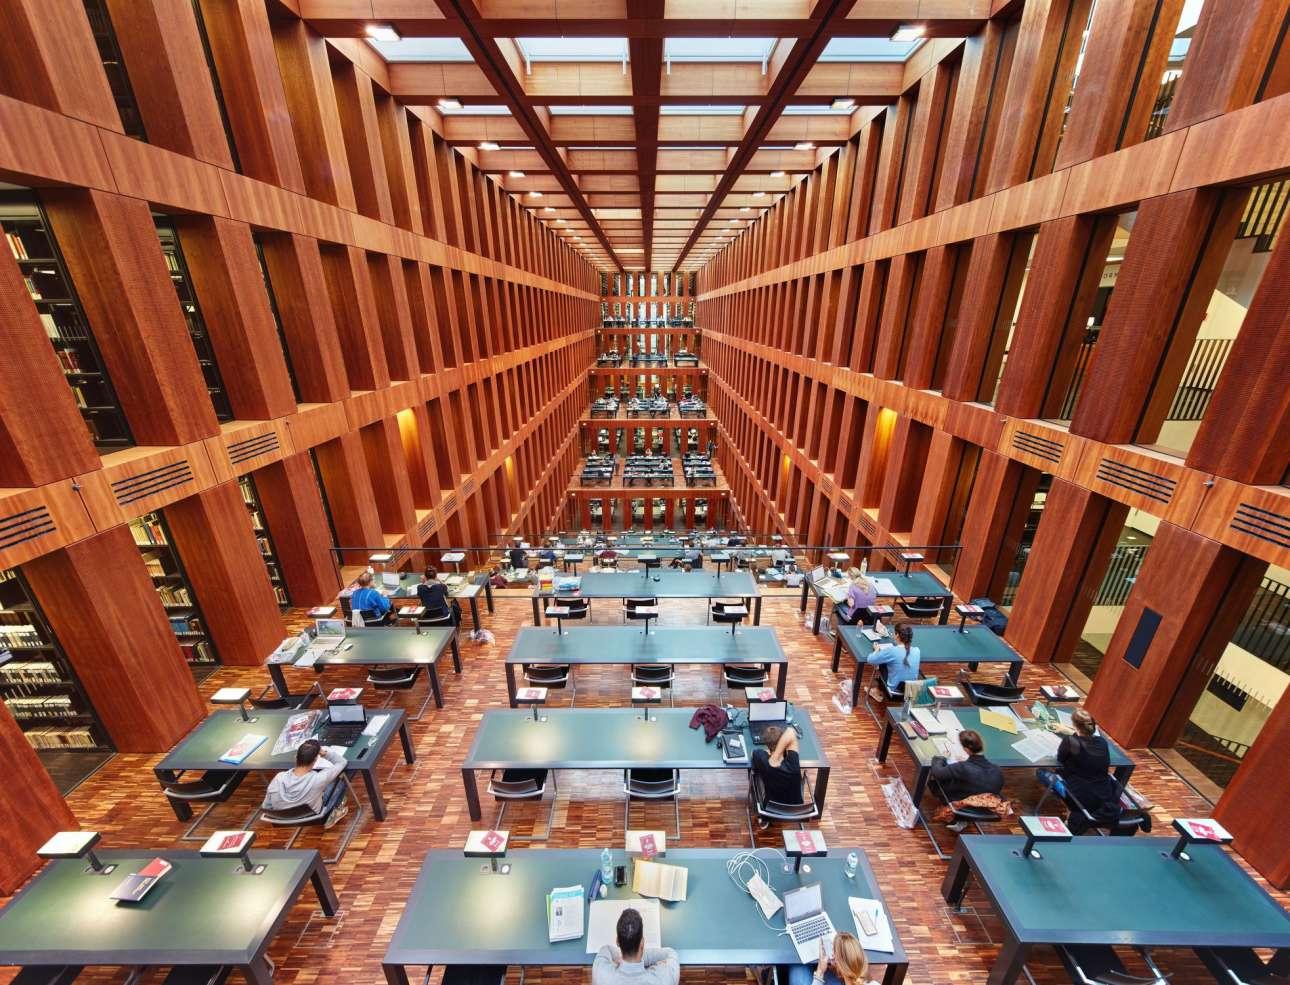 Μία ακόμη εντυπωσιακή πανεπιστημιακή βιβλιοθήκη, αυτή του Humboldt στο Βερολίνο